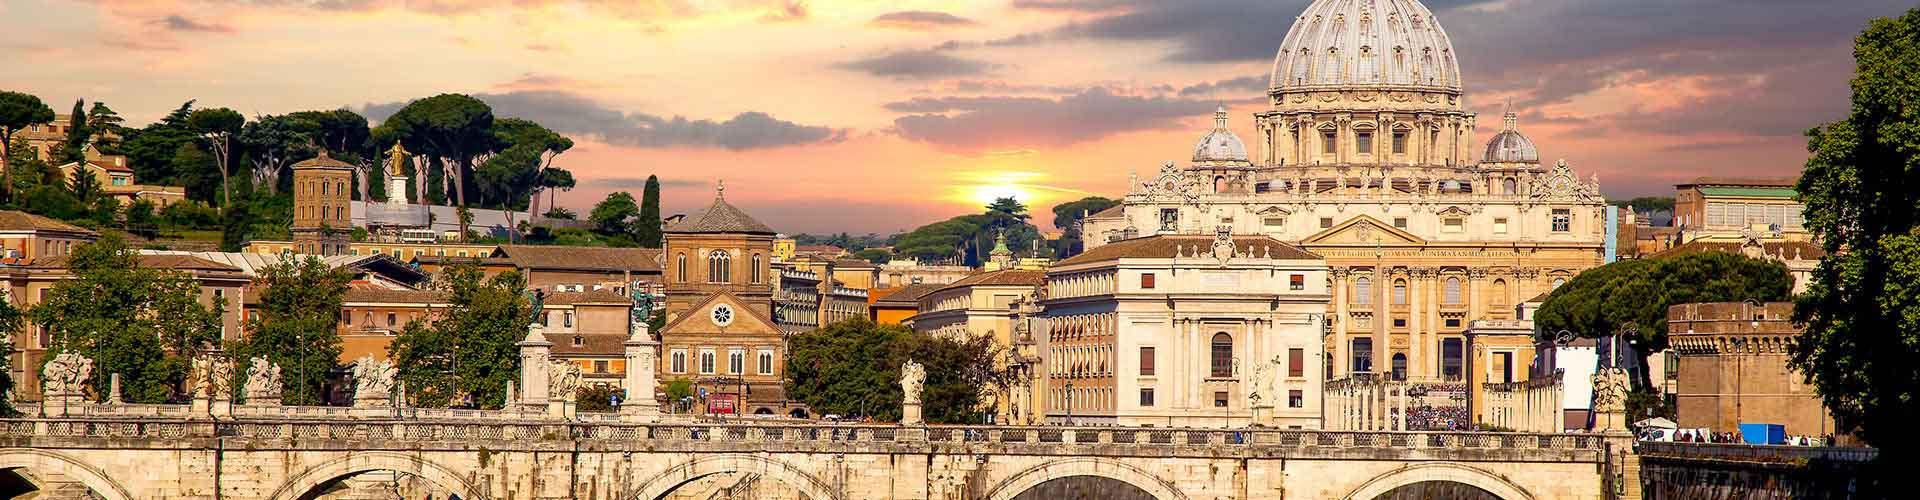 Roma - Albergues Juveniles  en Roma. Mapas de Roma, Fotos y Comentarios para cada Albergue Juvenil en Roma.